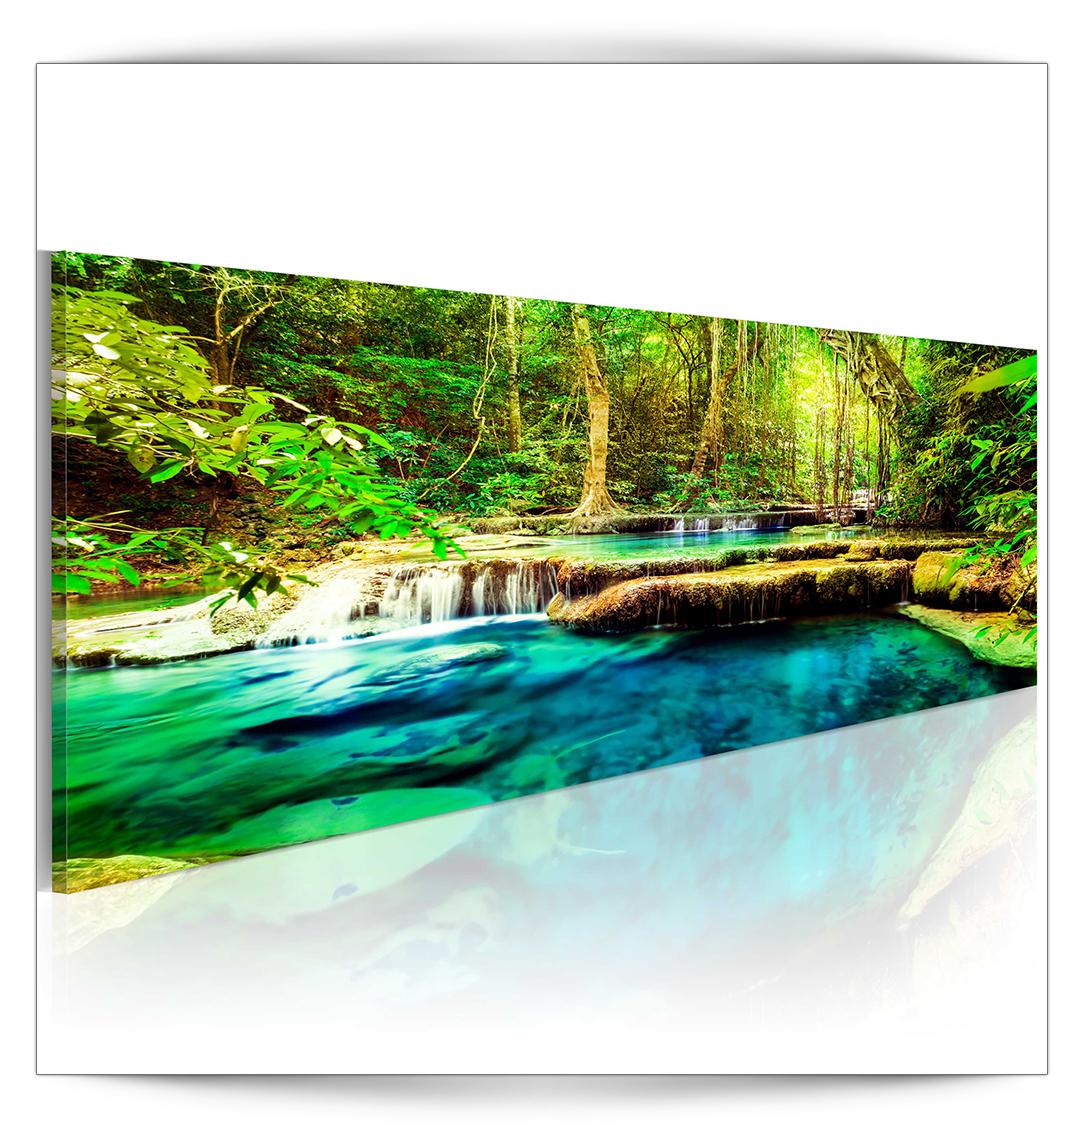 bilder wasserfall wald leinwand wandbilder bild kunstdruck gro e auswahl dkb0161 ebay. Black Bedroom Furniture Sets. Home Design Ideas